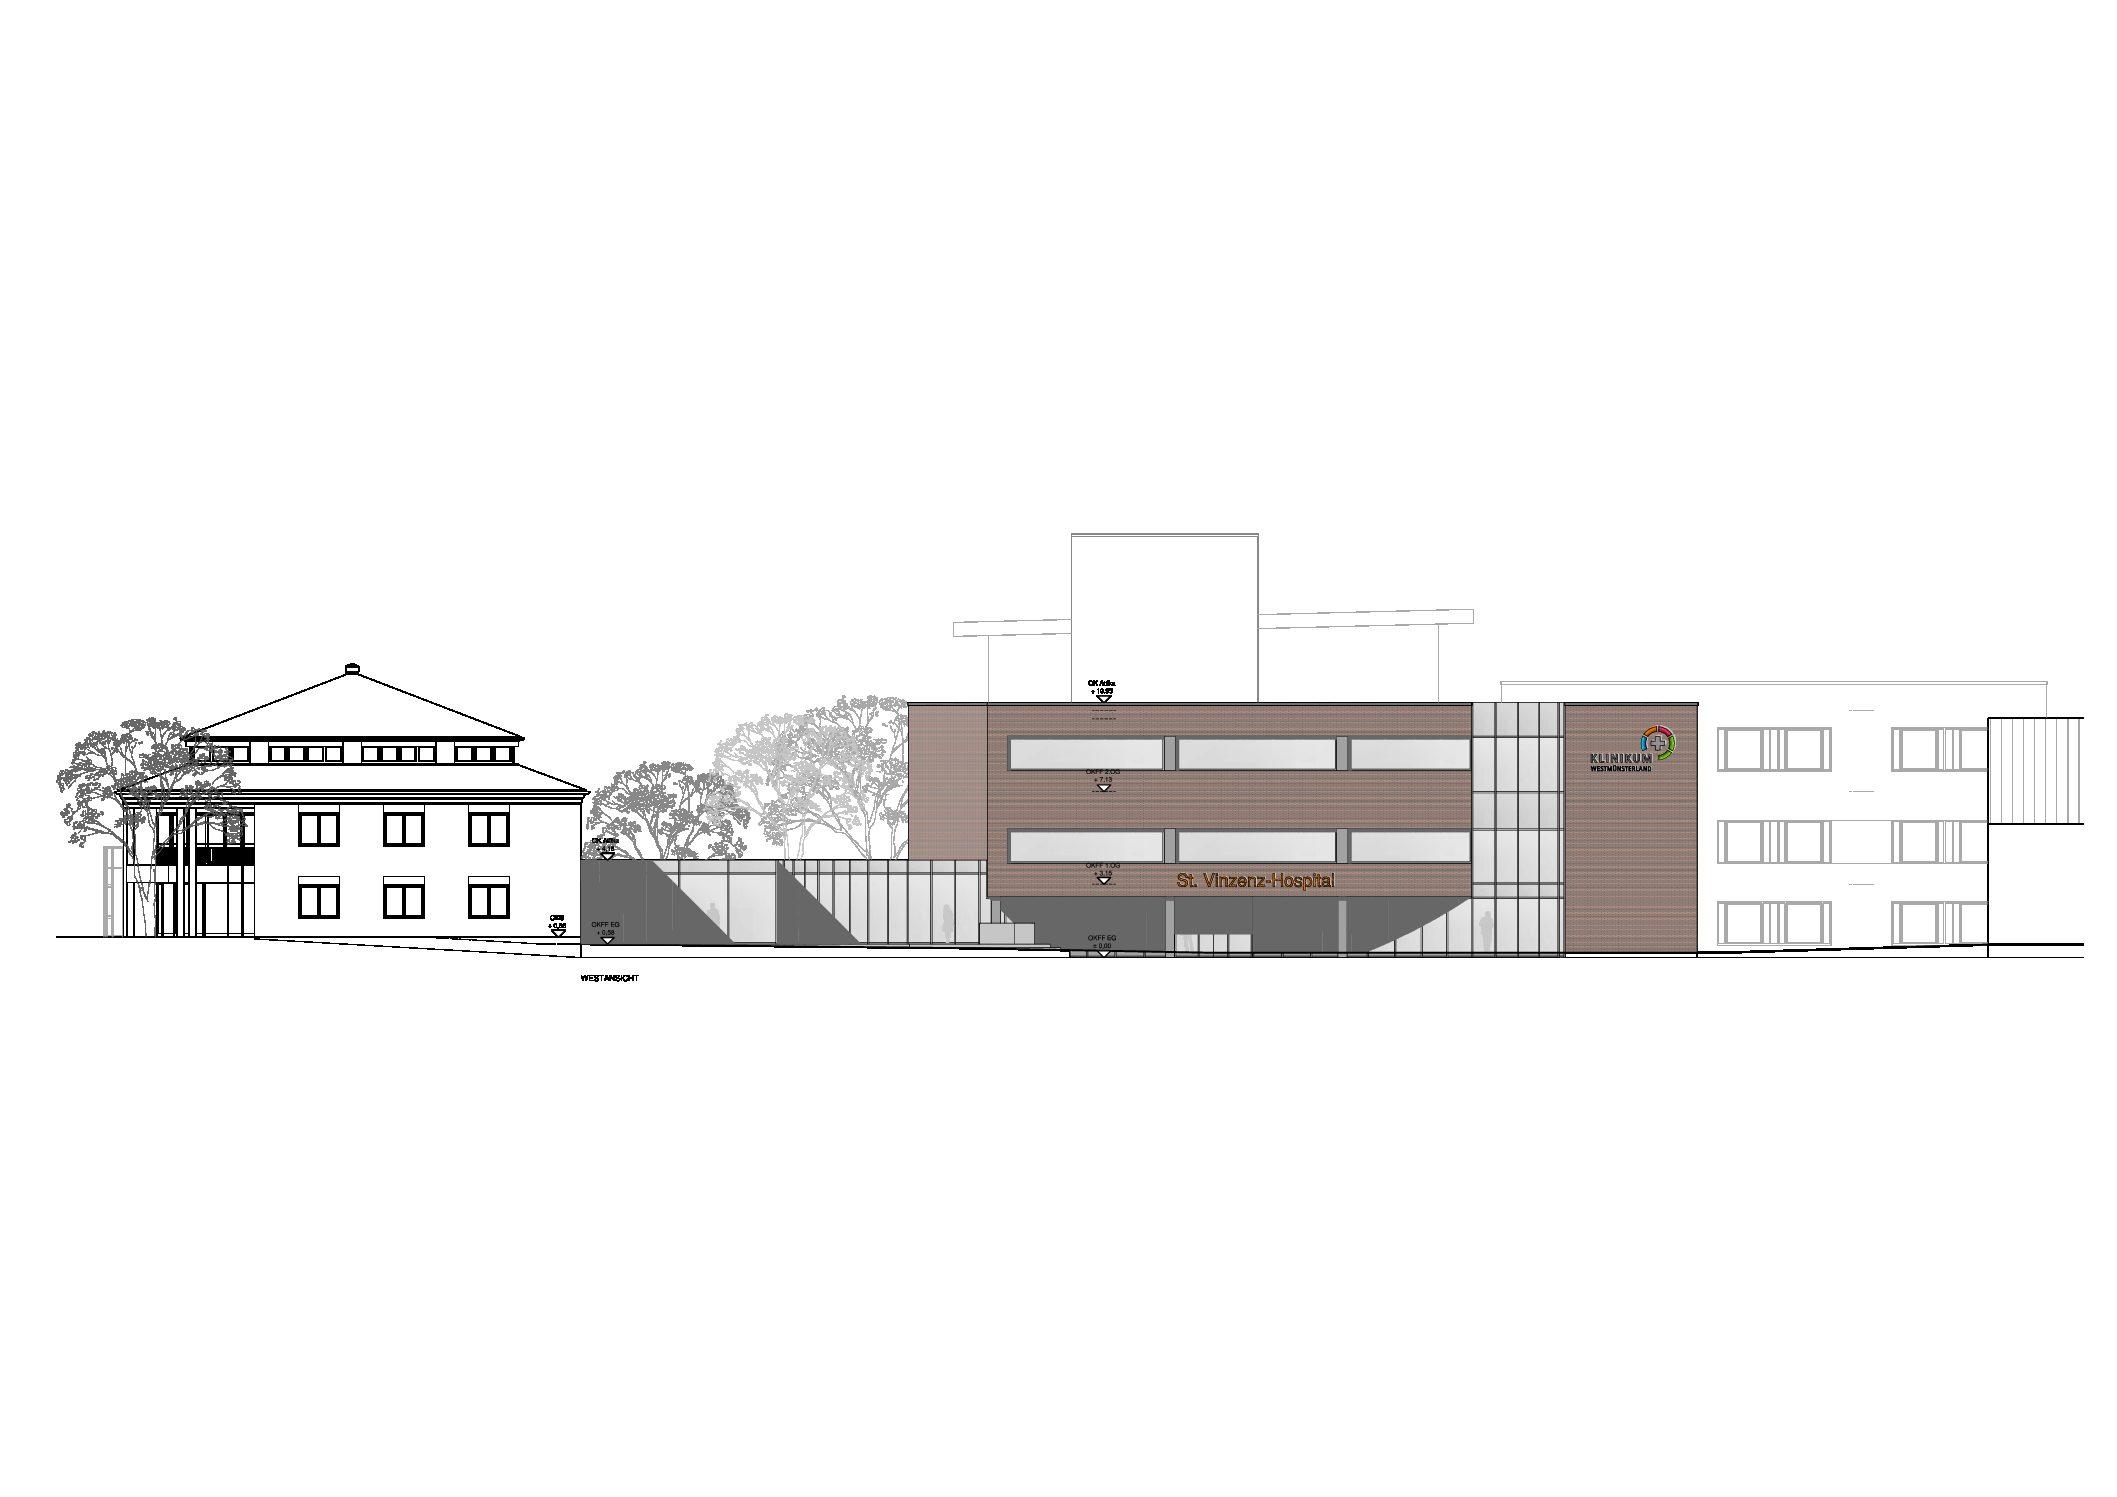 Erweiterung Fachpsychiatrisches Zentrum St. Vinzenz-Hospital